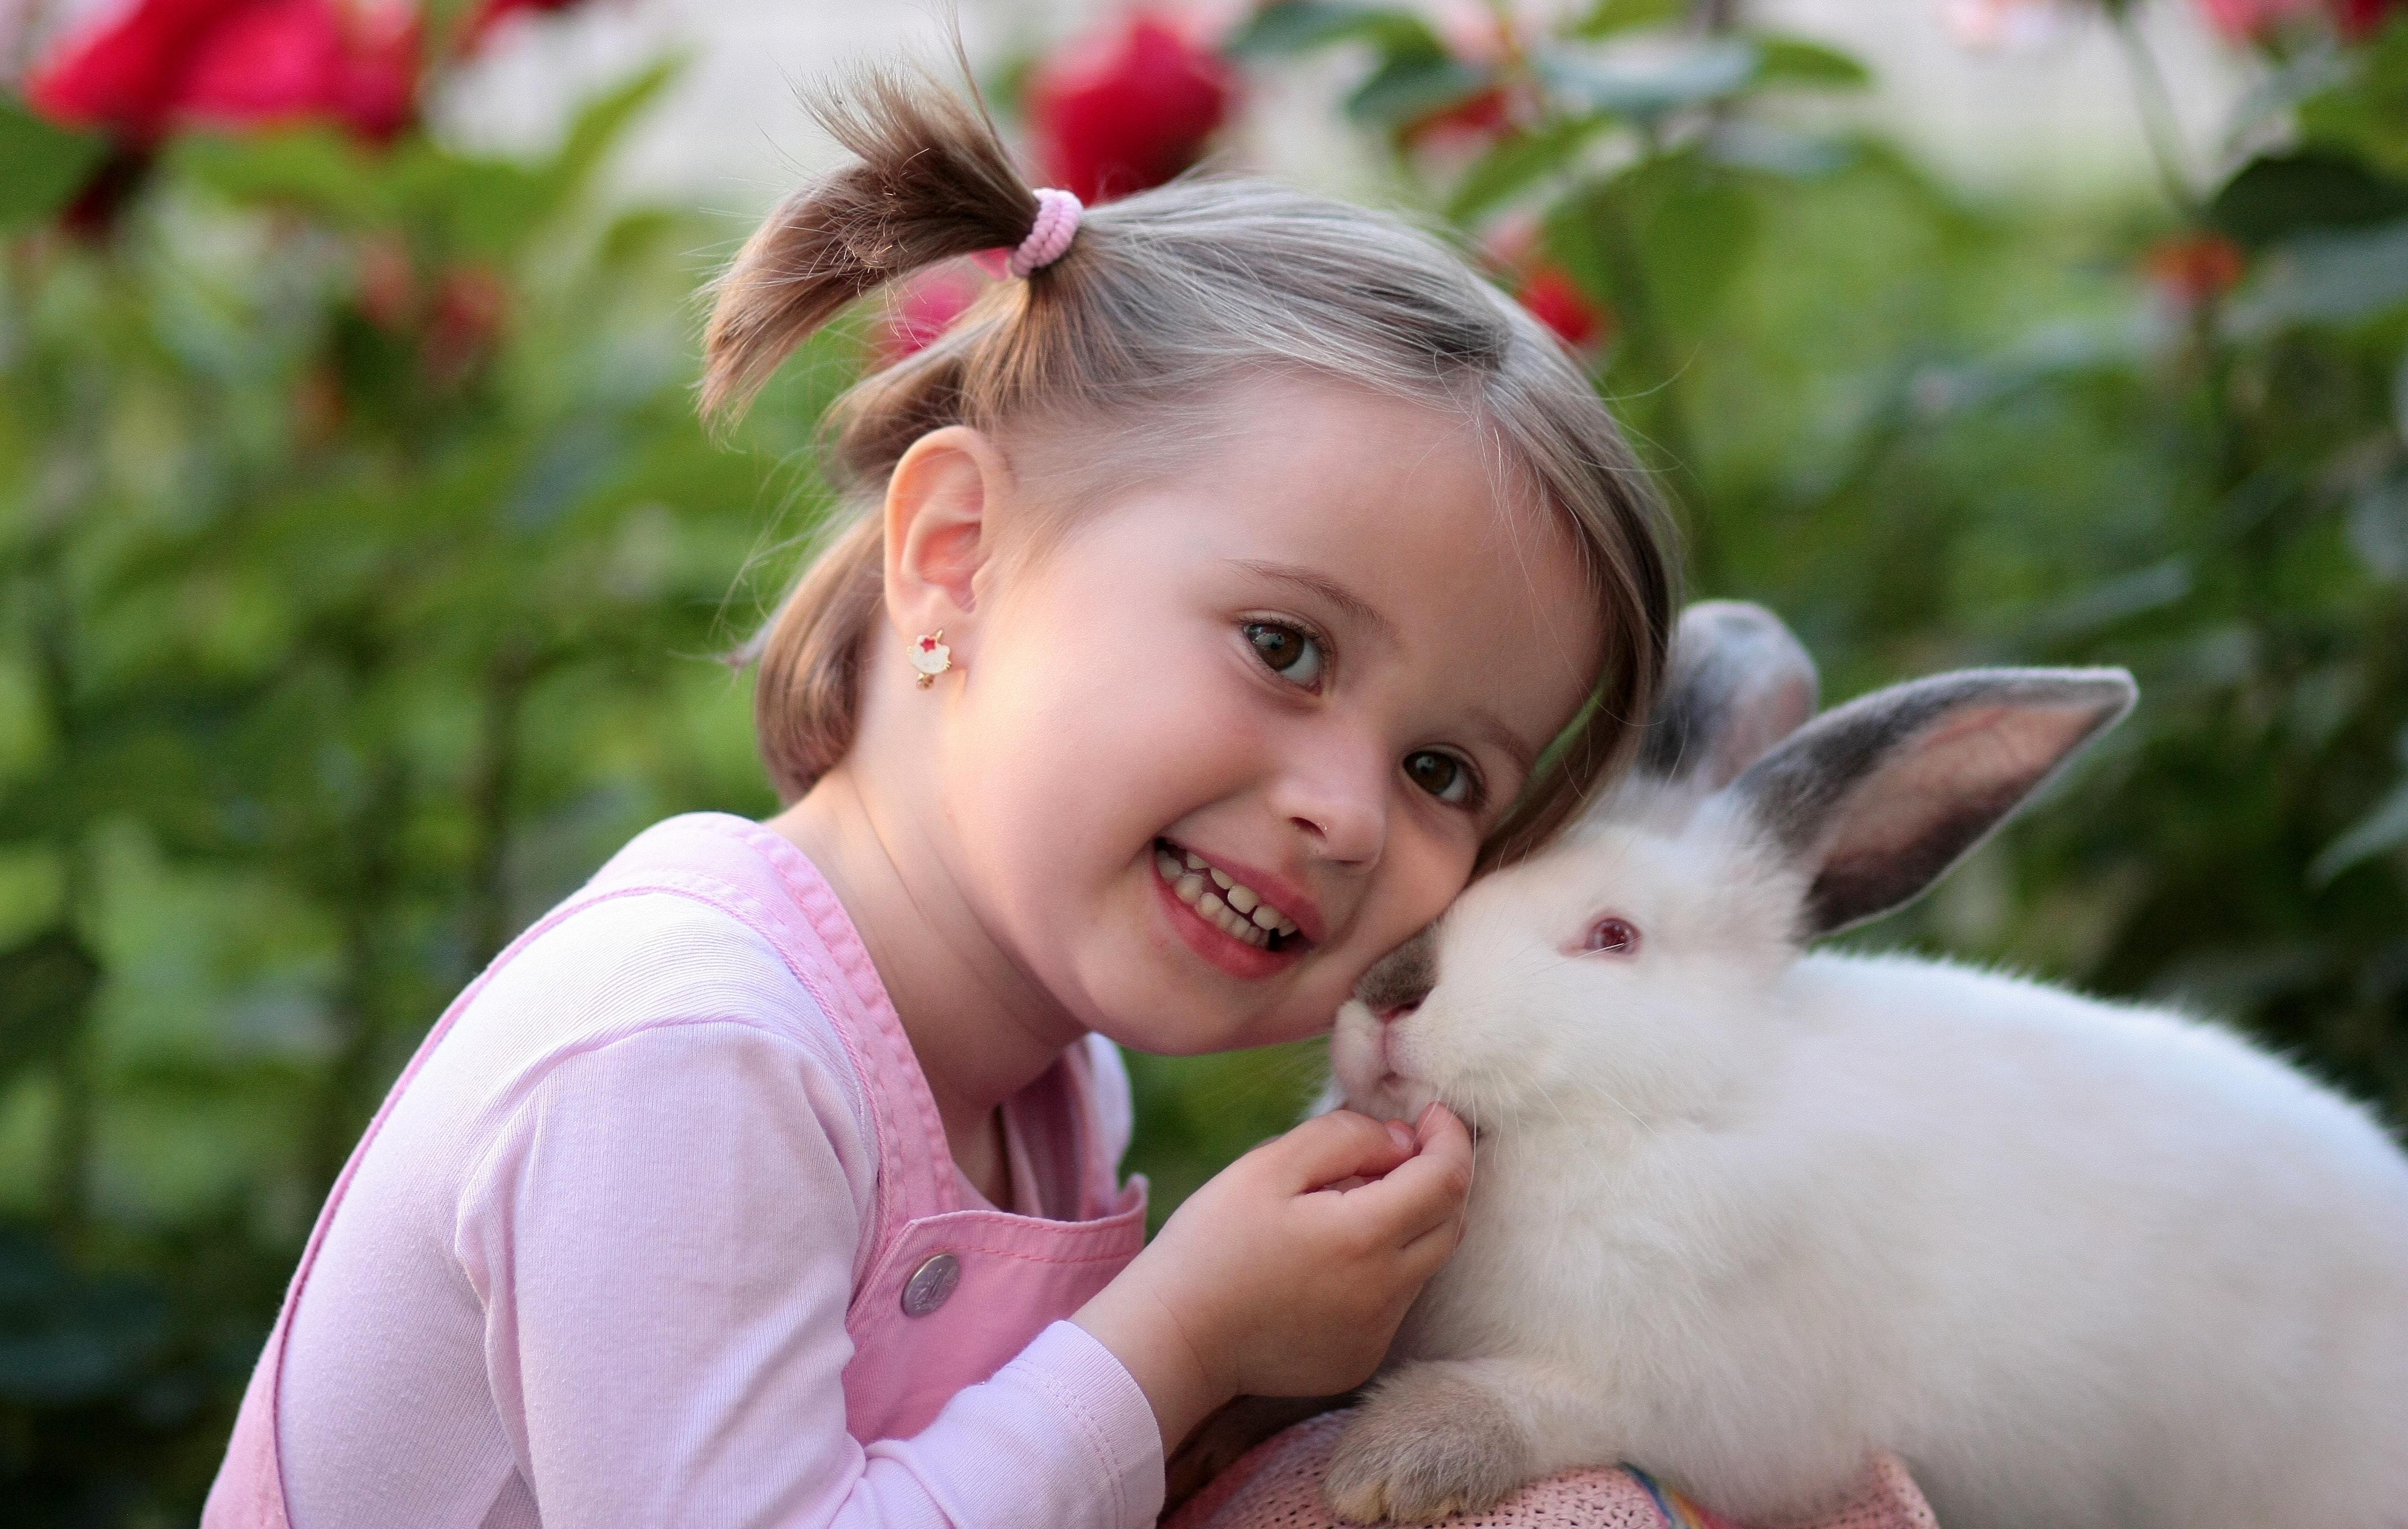 177 heartwarming baby photos pexels free stock photos